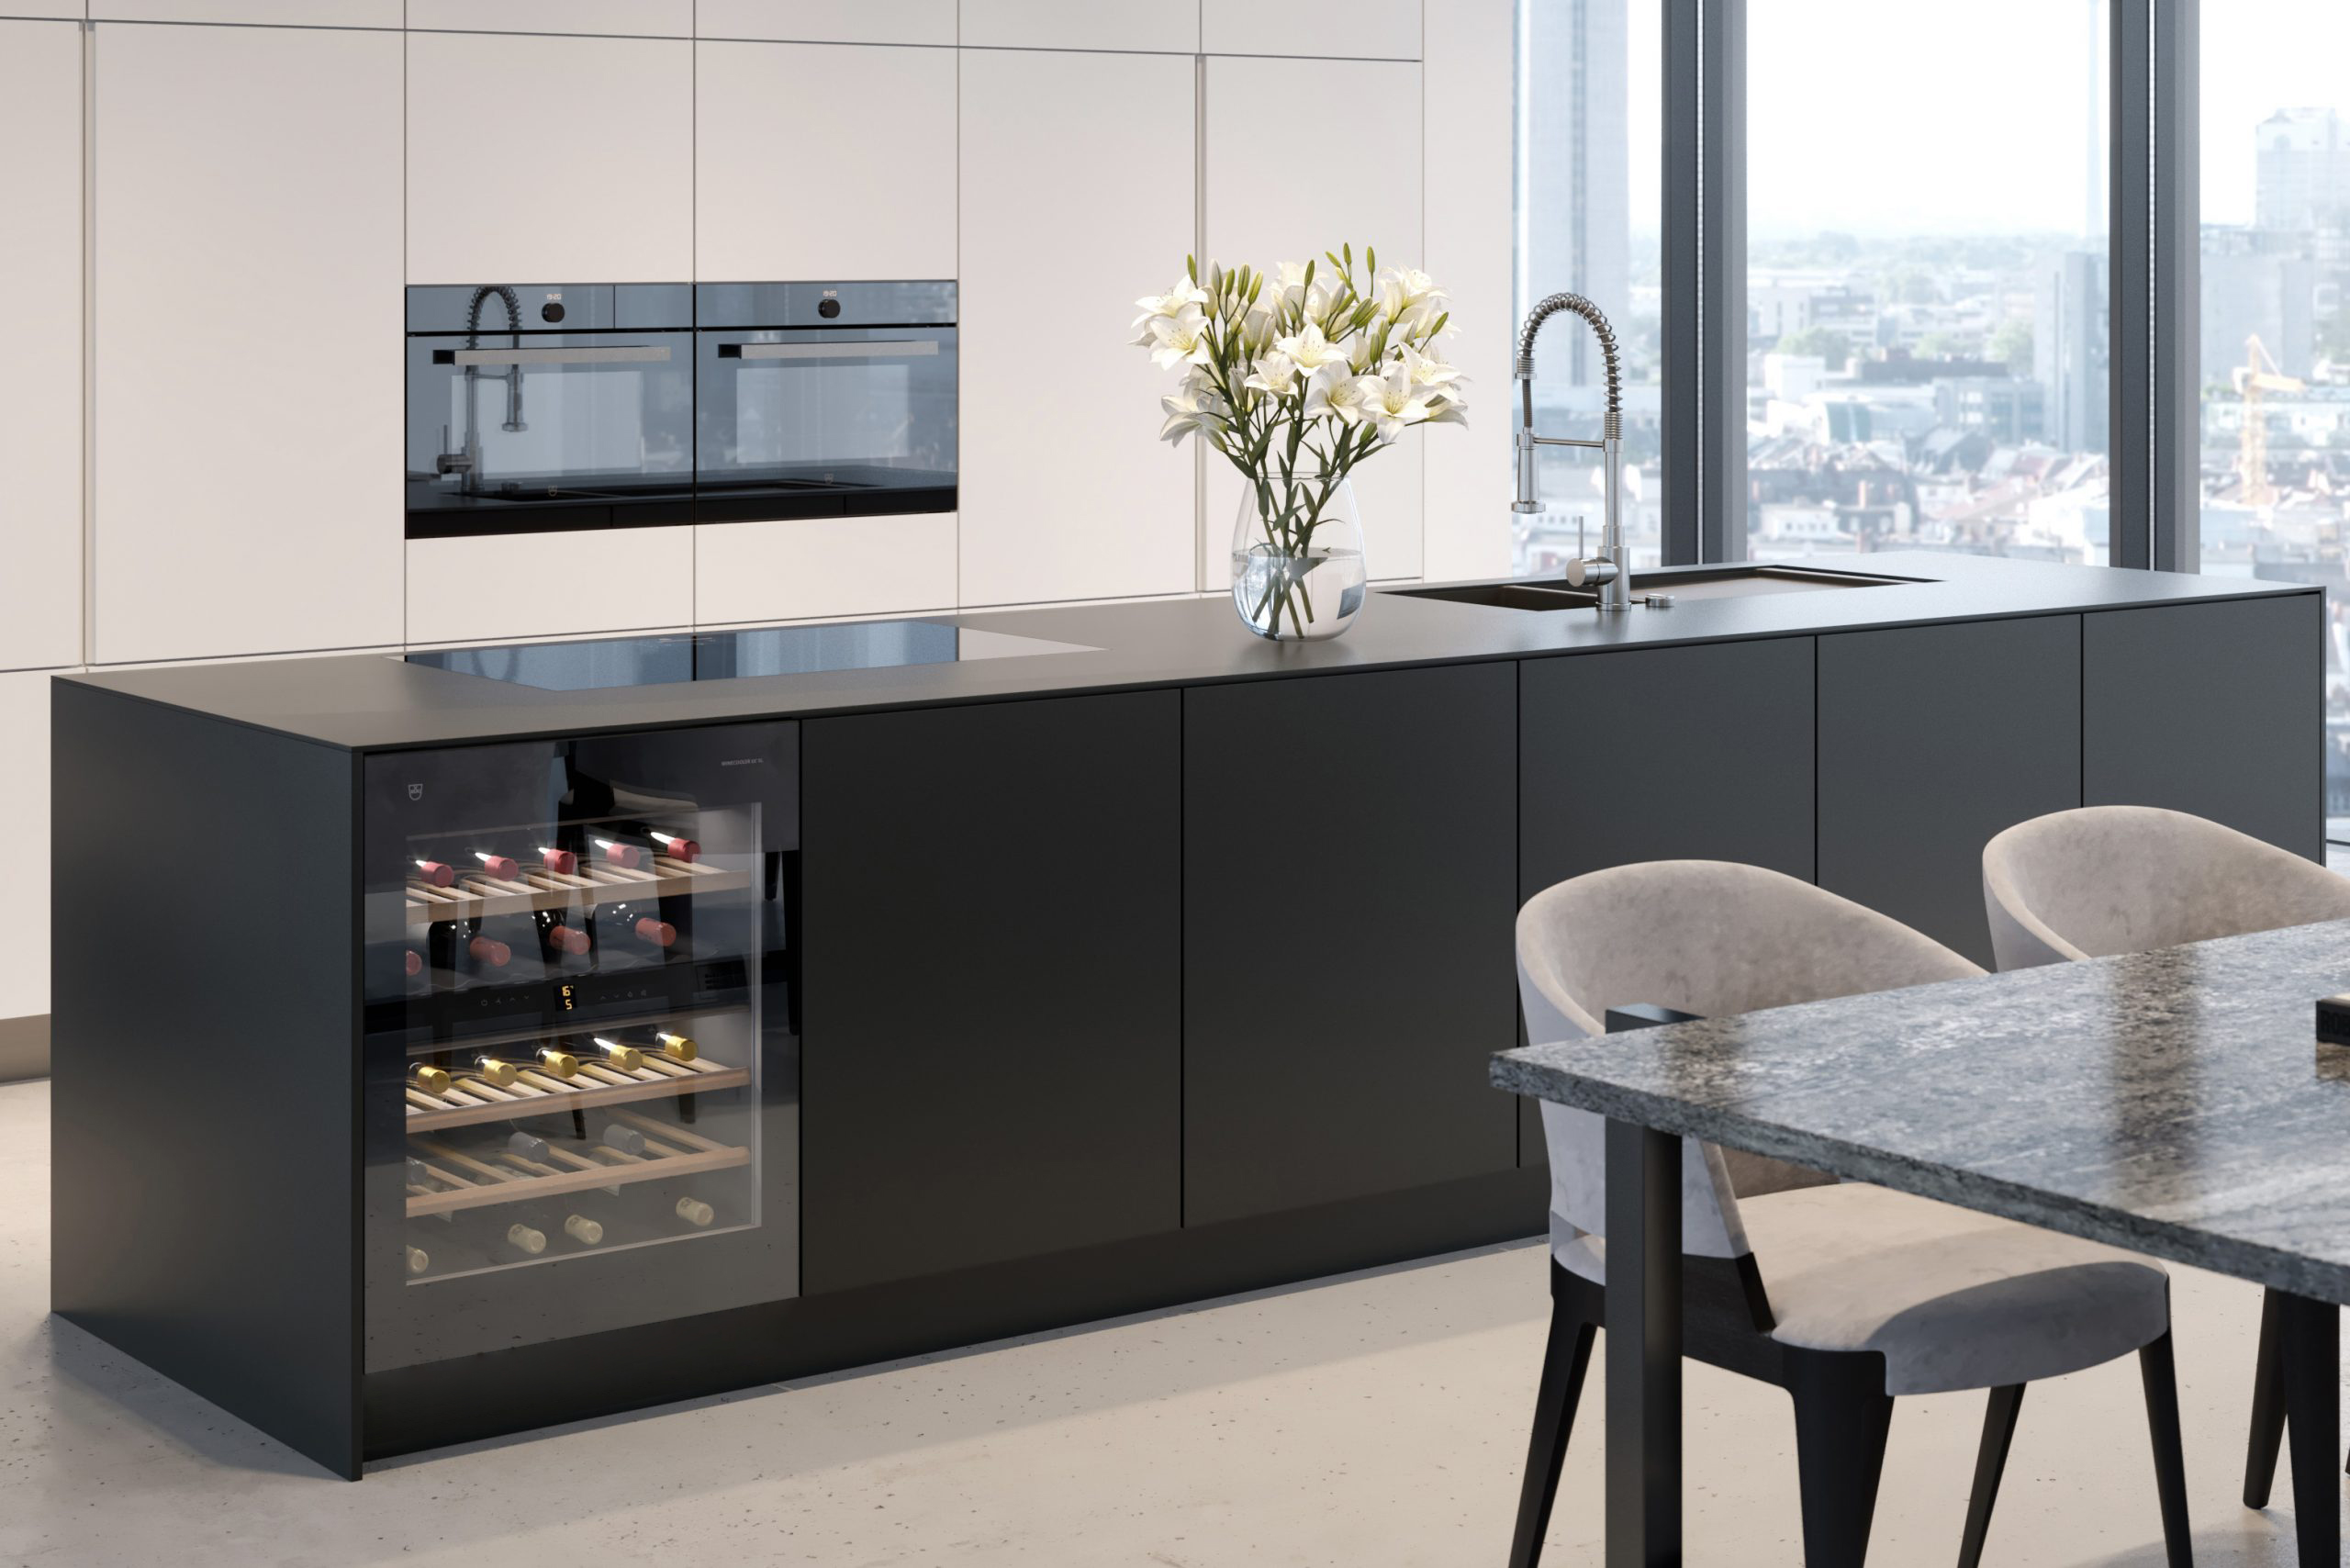 V-Zug appliances: For the Discerning